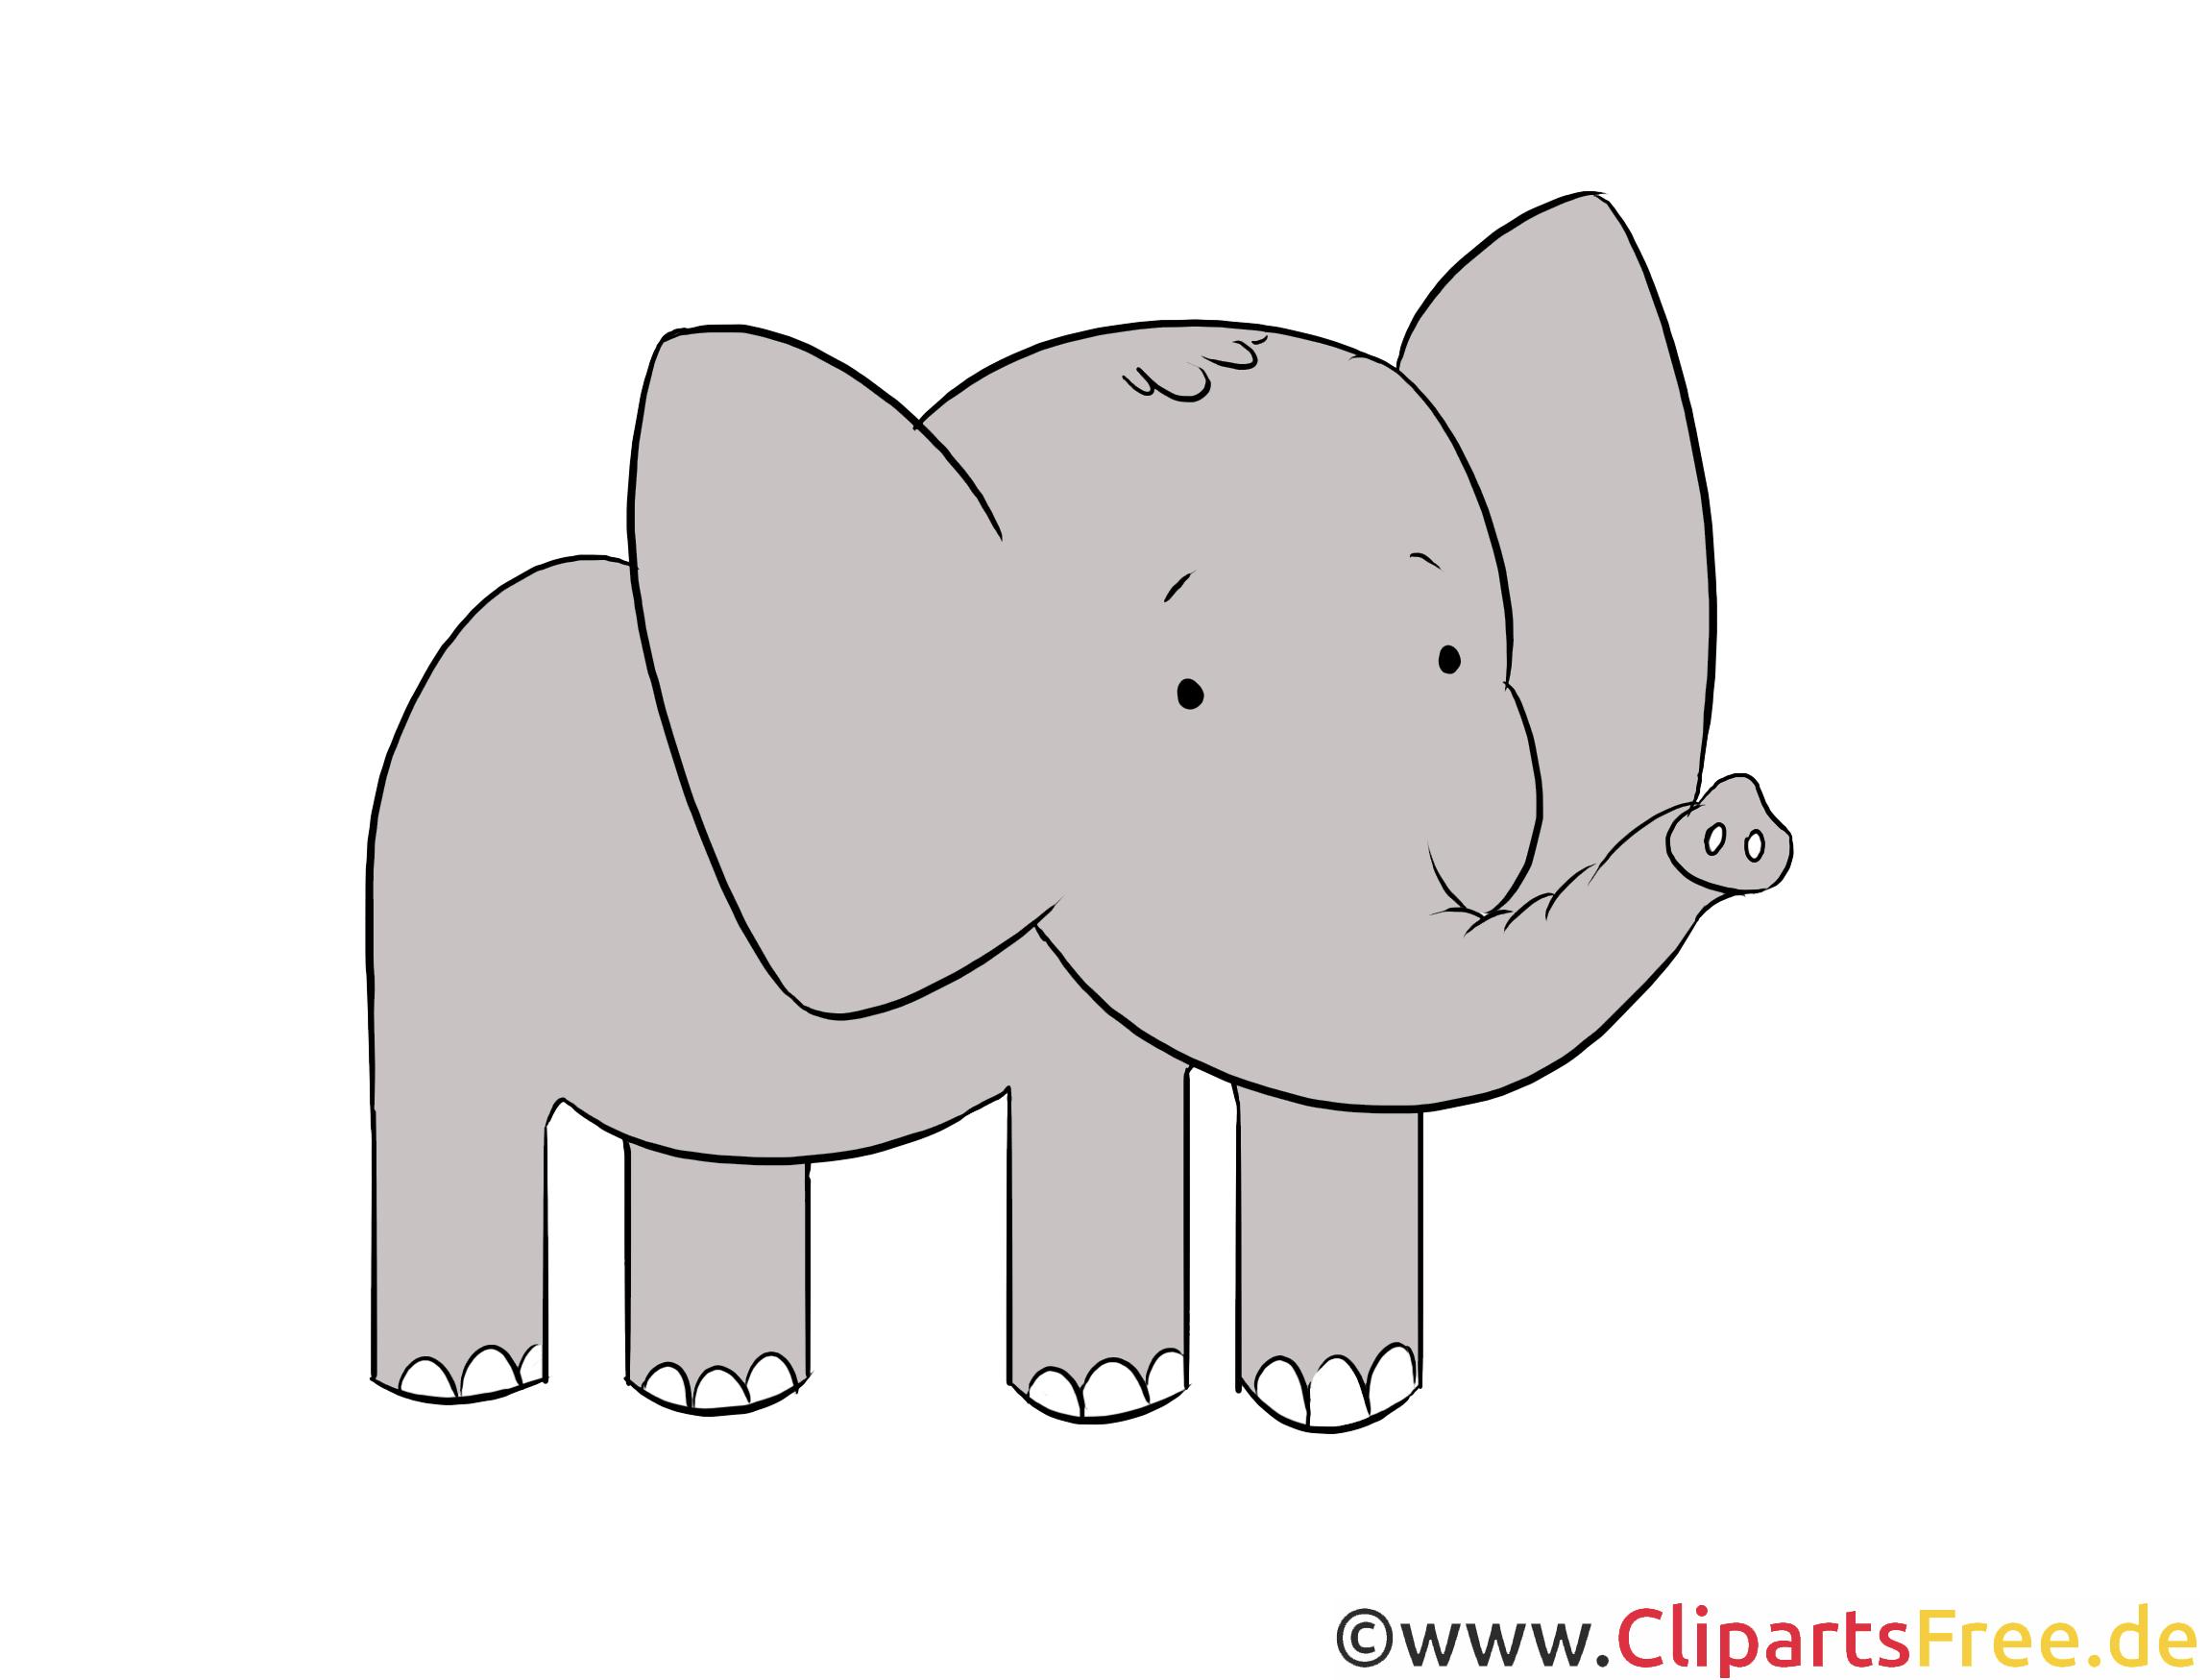 Ungewöhnlich Druckbare Elefanten Malvorlagen Galerie - Malvorlagen ...